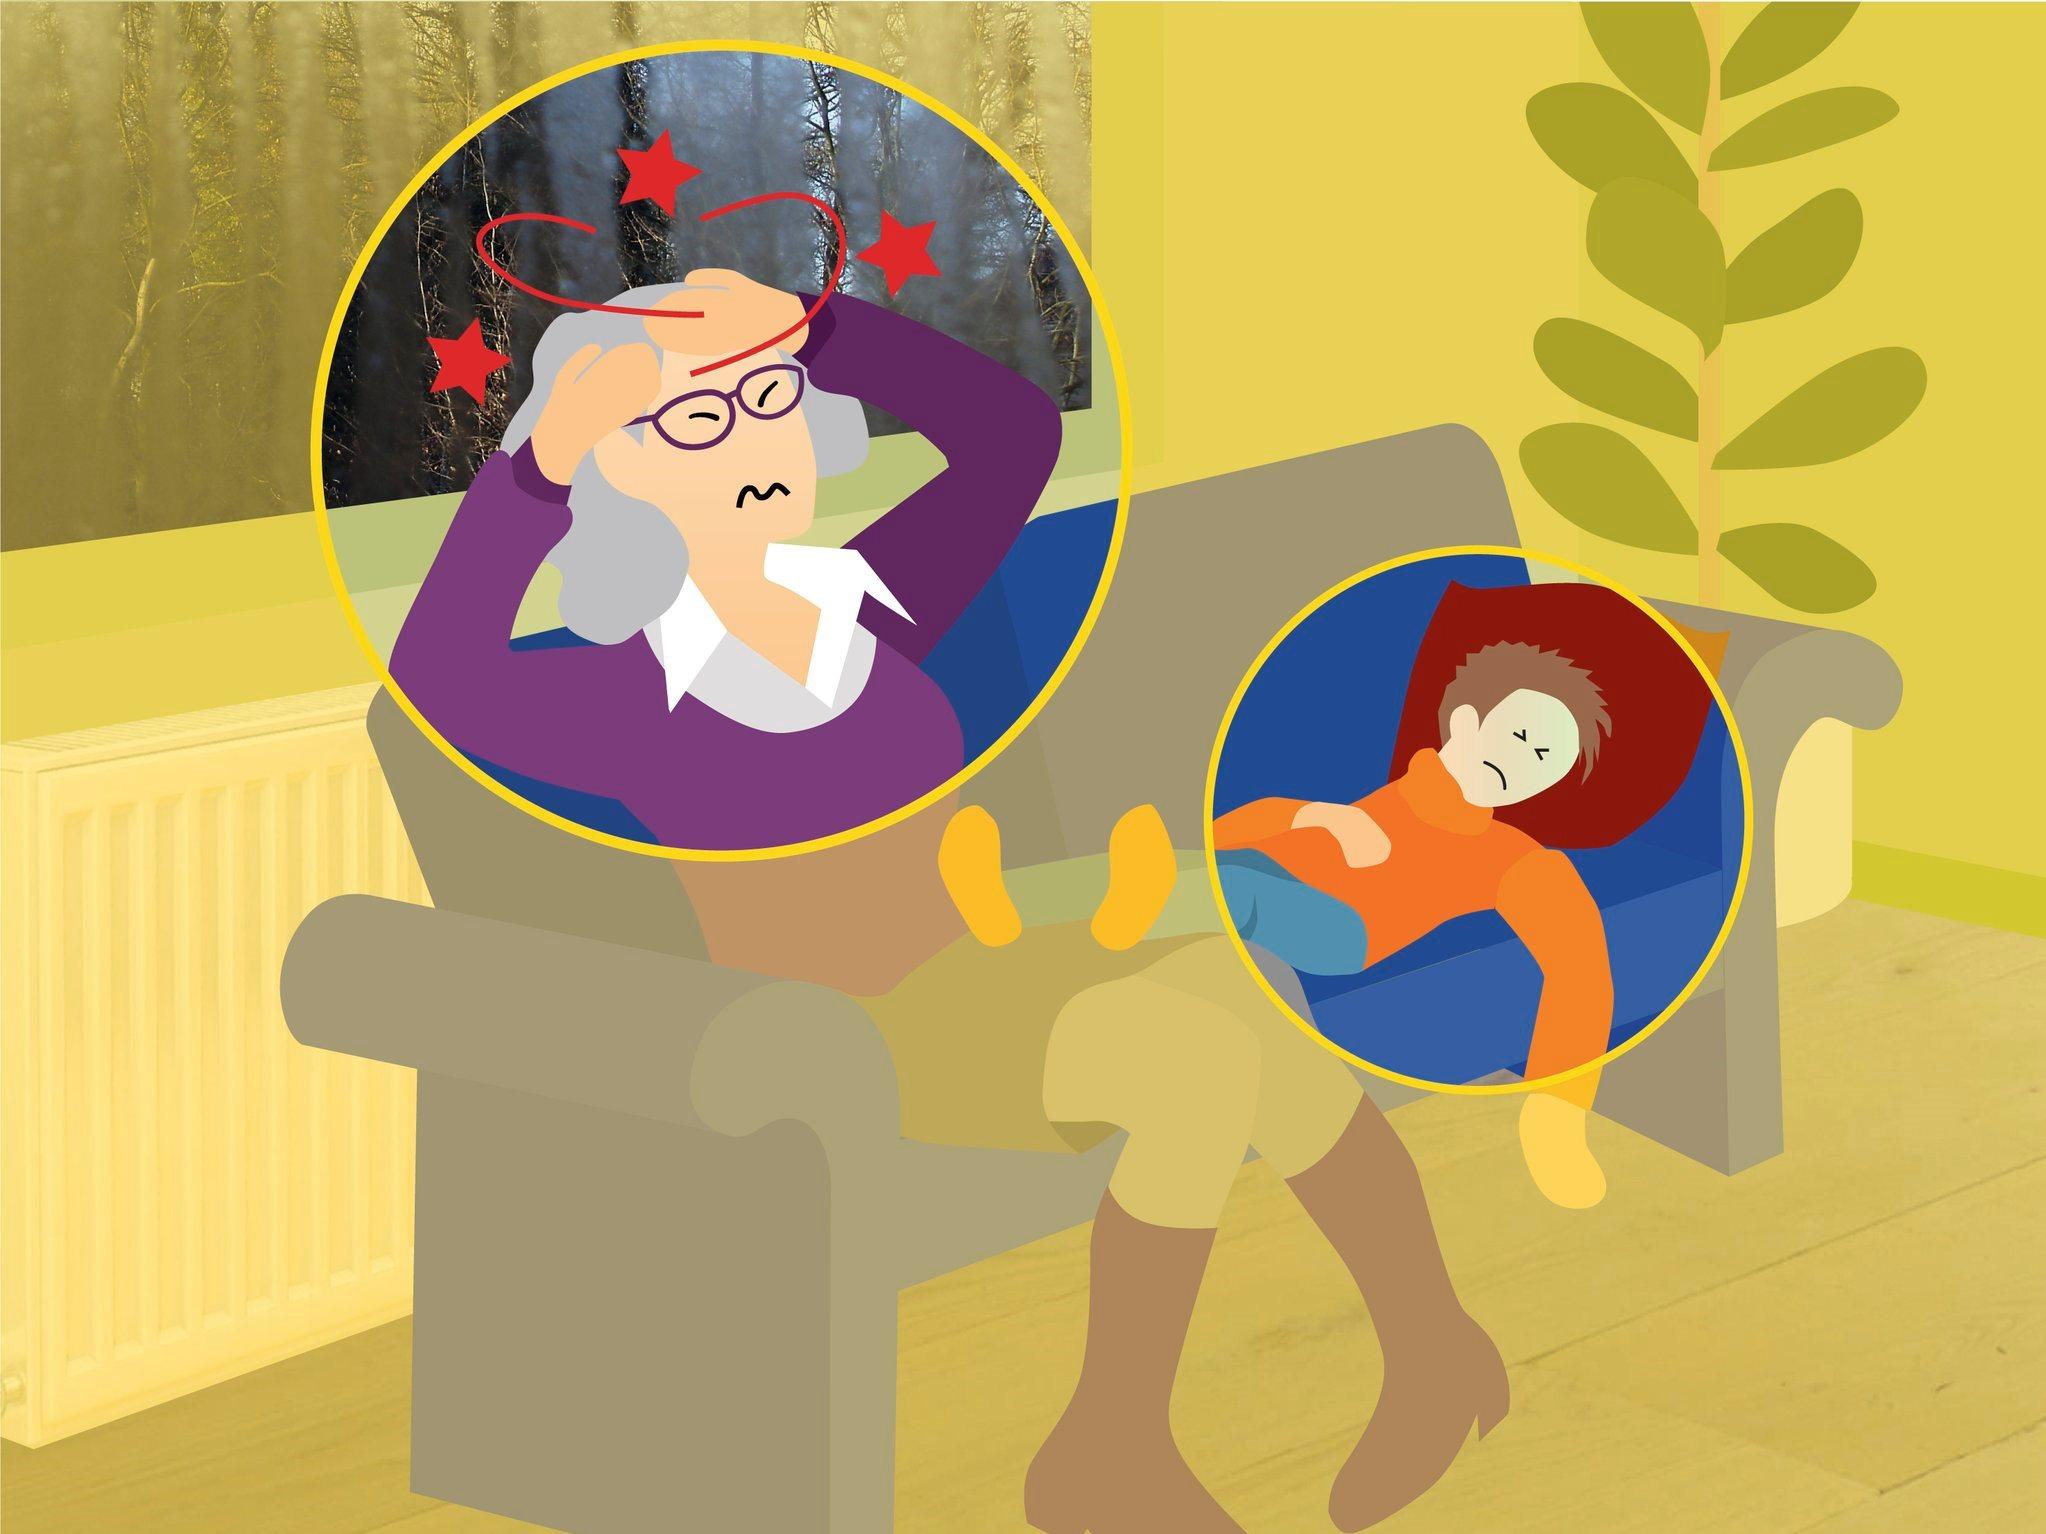 Herken jij de symptomen van een CO-vergiftiging?